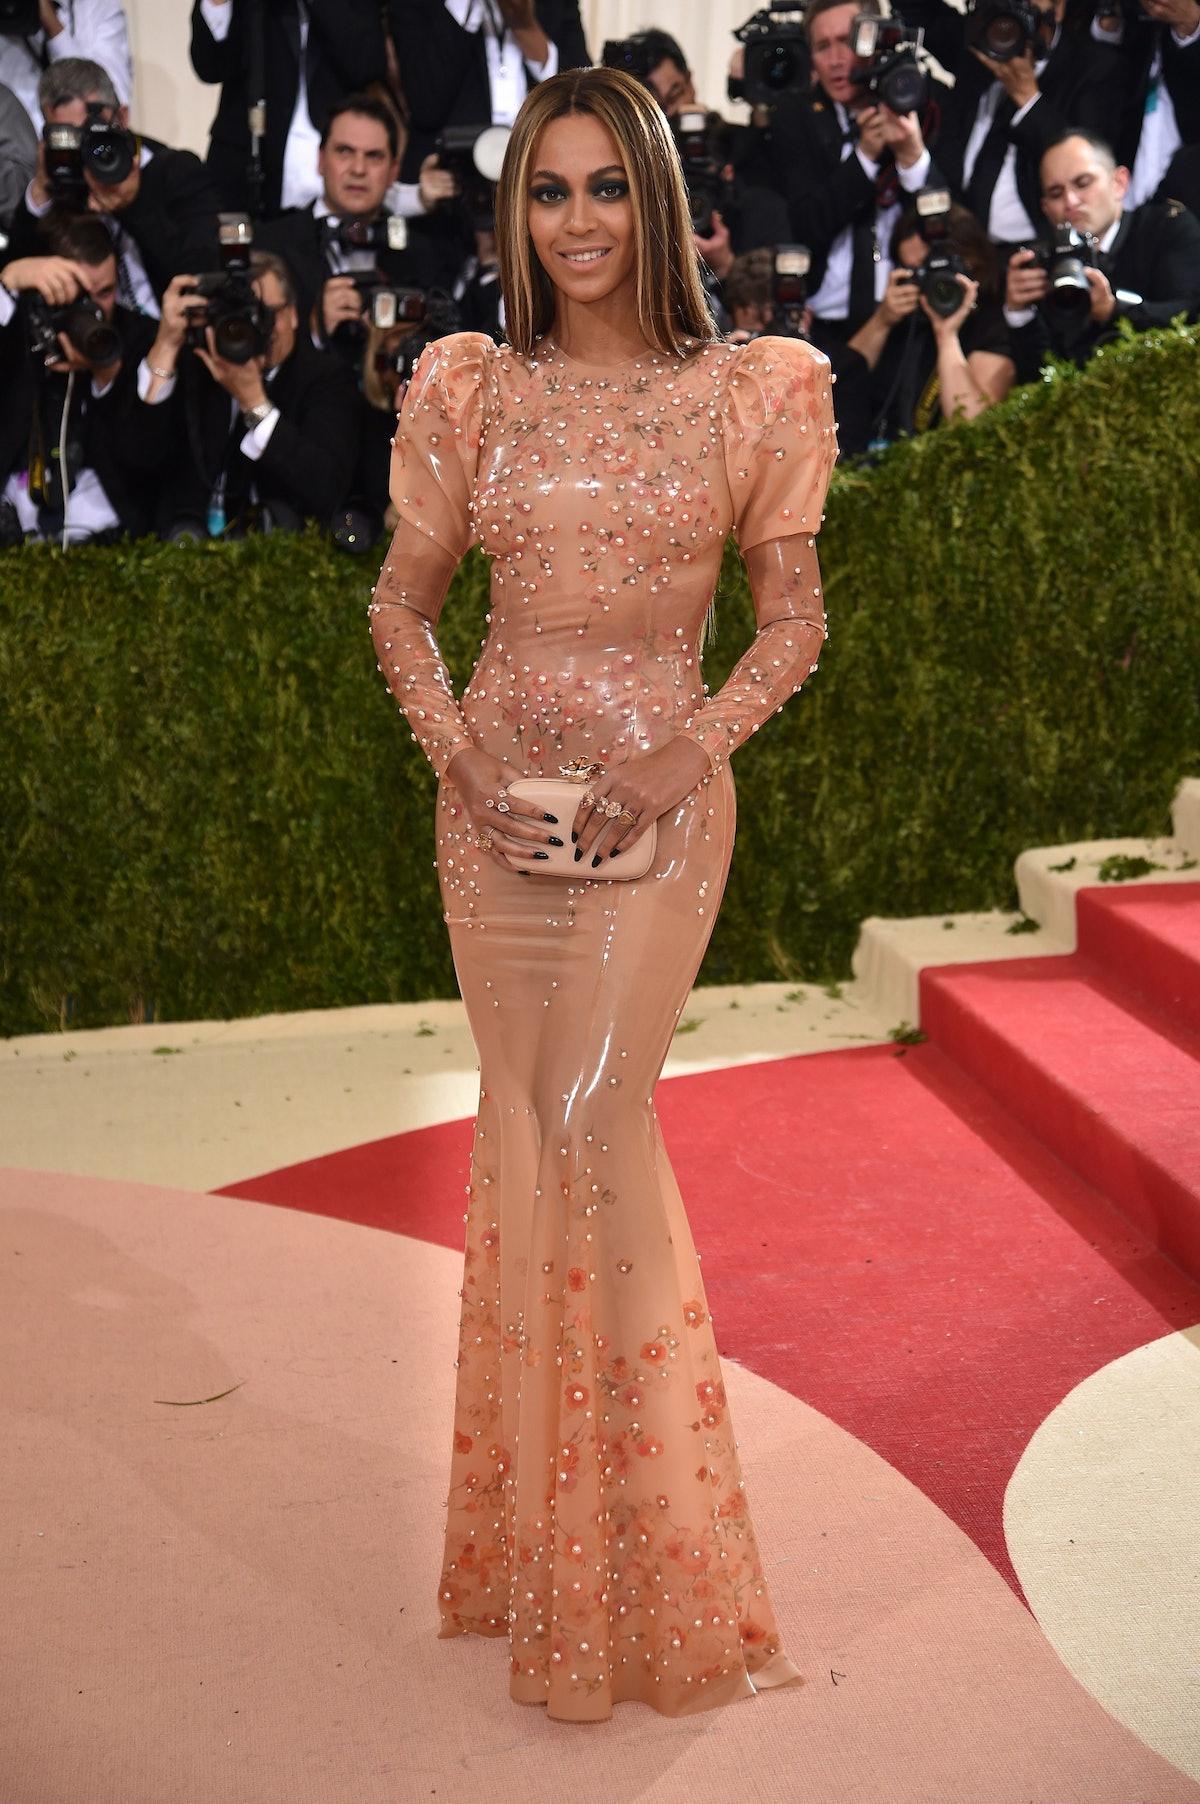 Beyonce wearing rose gold gown at met gala